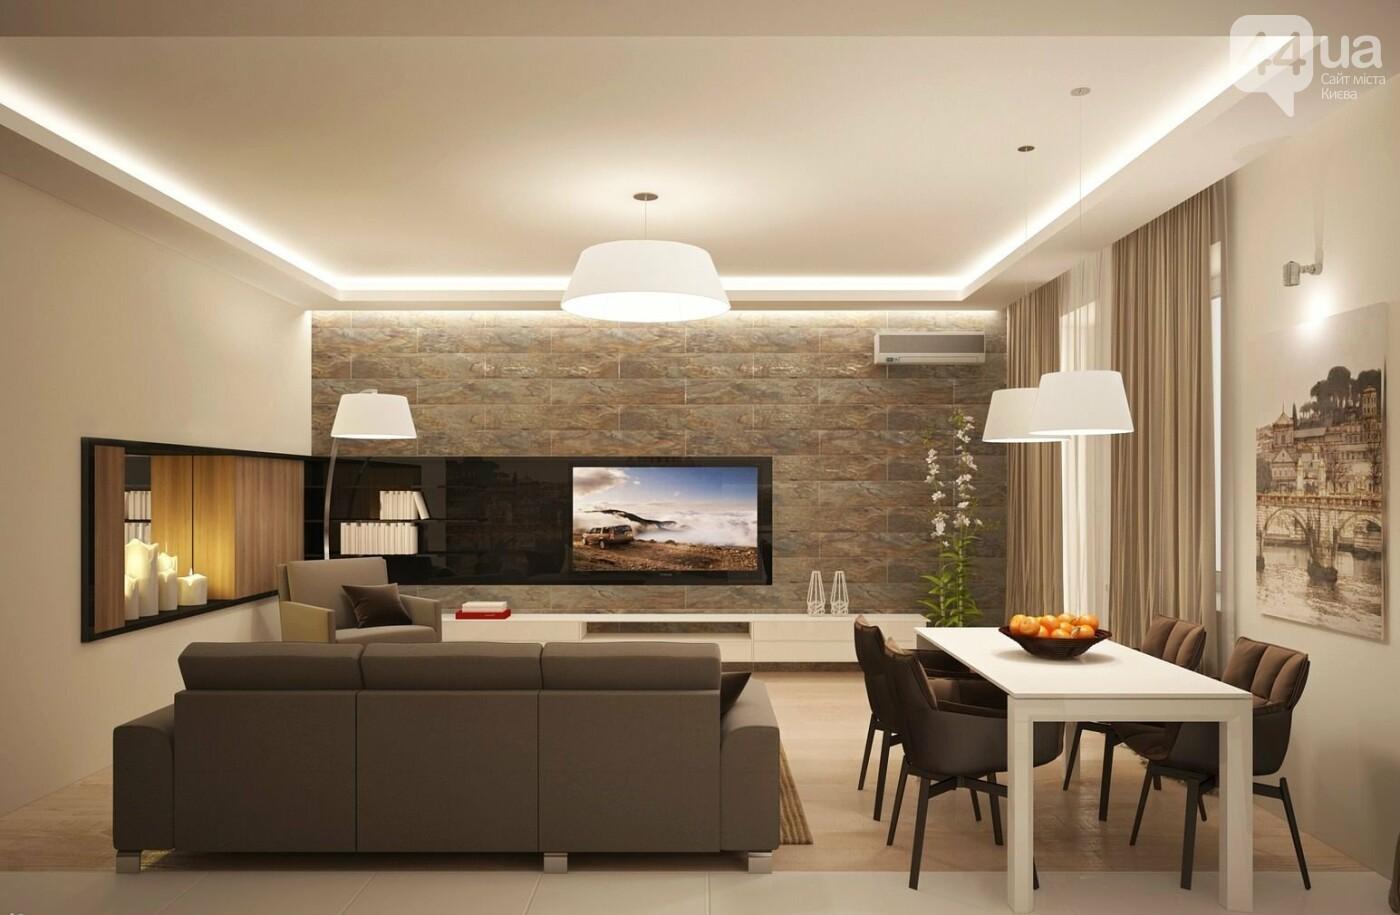 Дизайн интерьера: популярные стили в 2021 году, фото-3